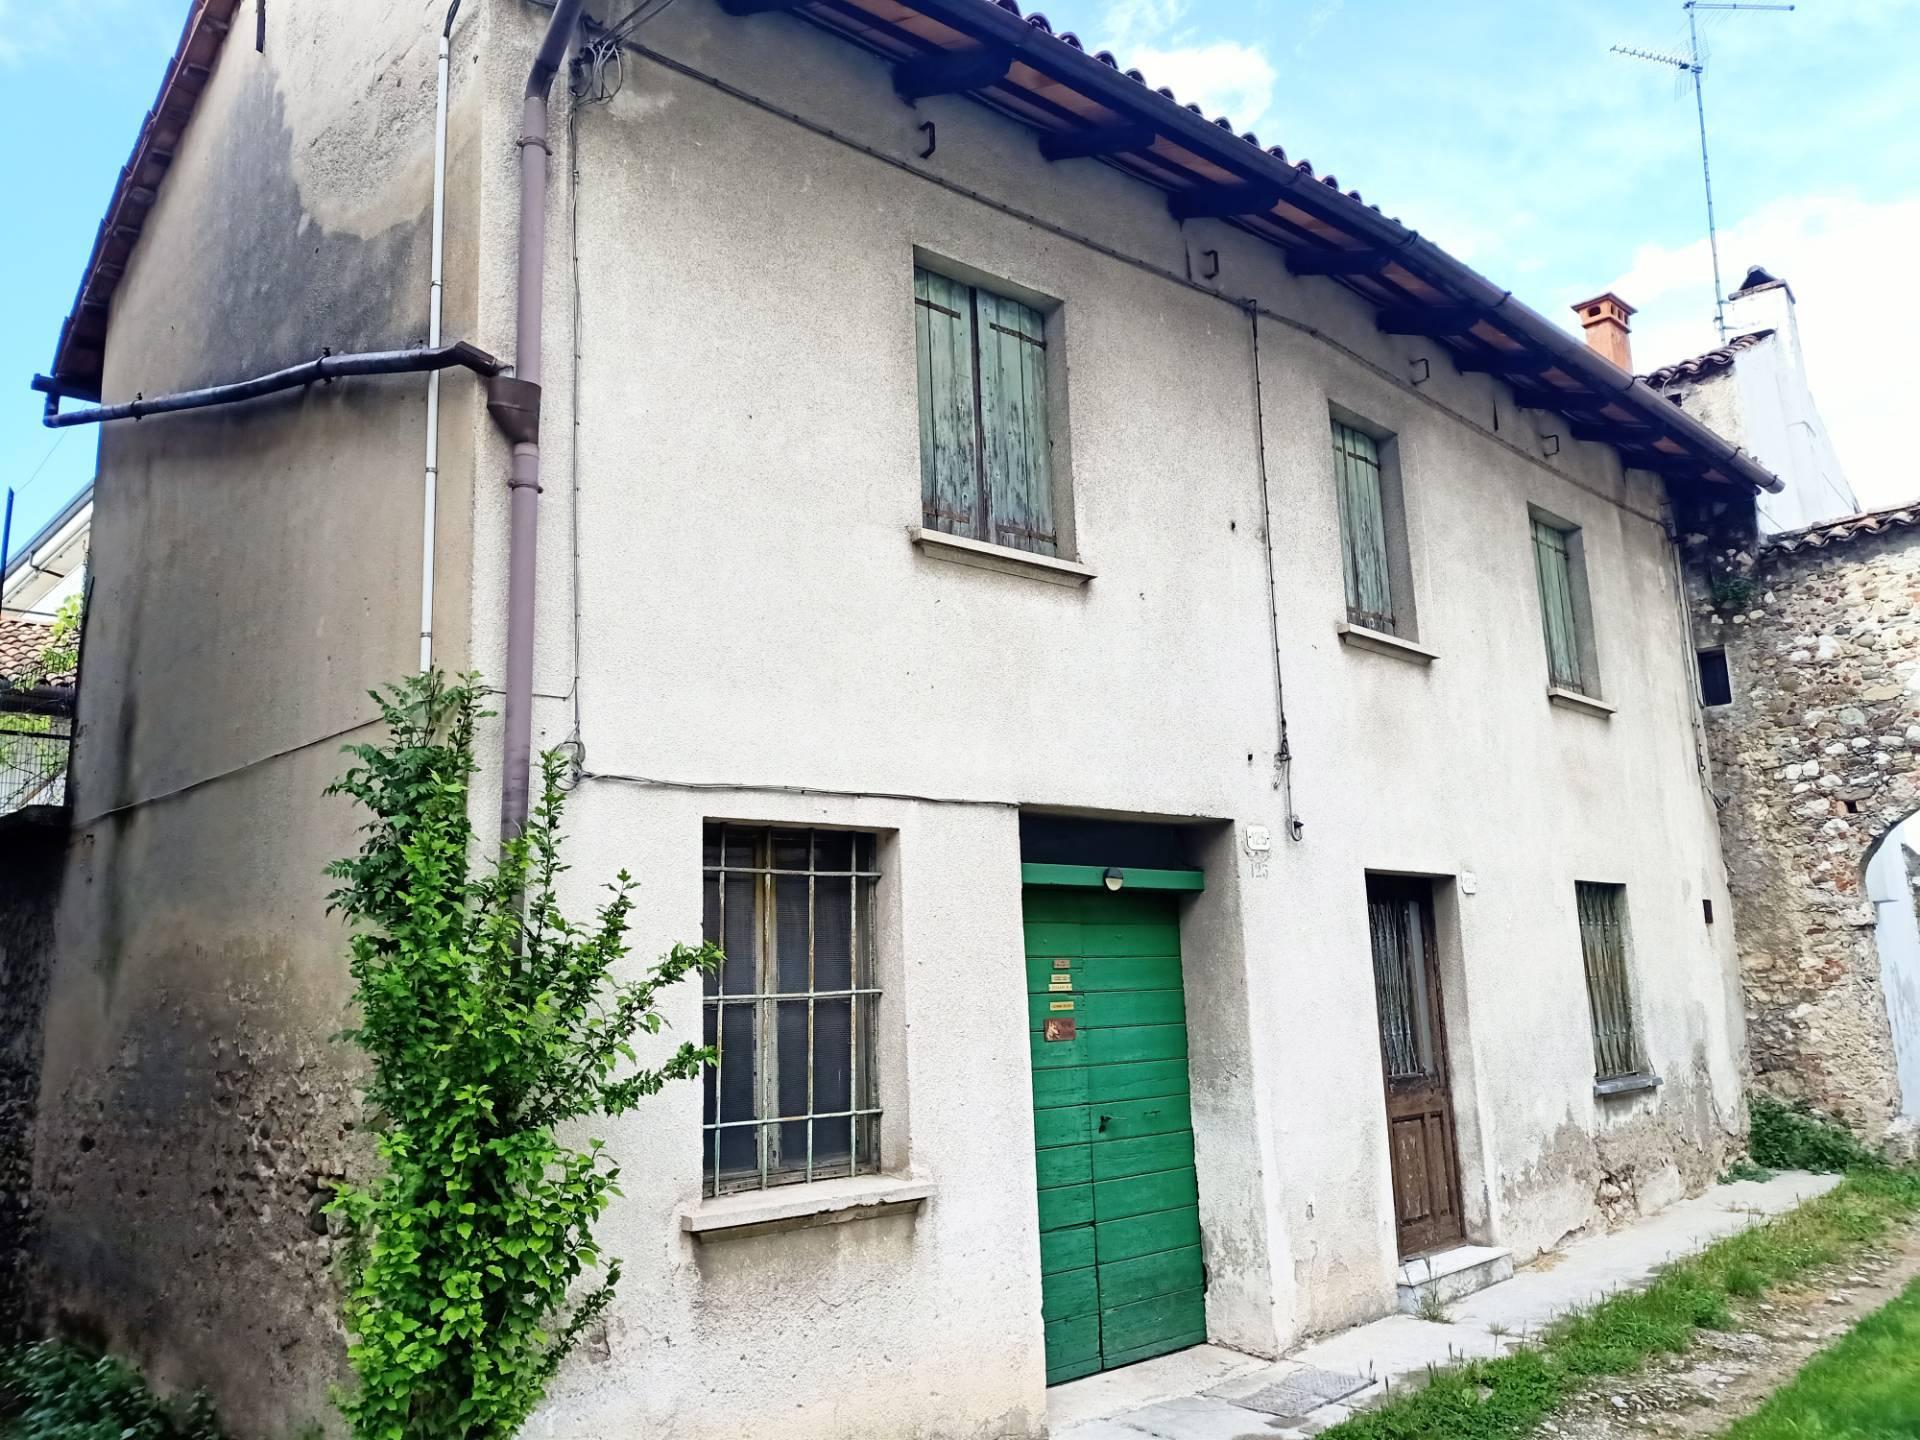 Rustico / Casale in vendita a Udine, 3 locali, prezzo € 35.000   CambioCasa.it